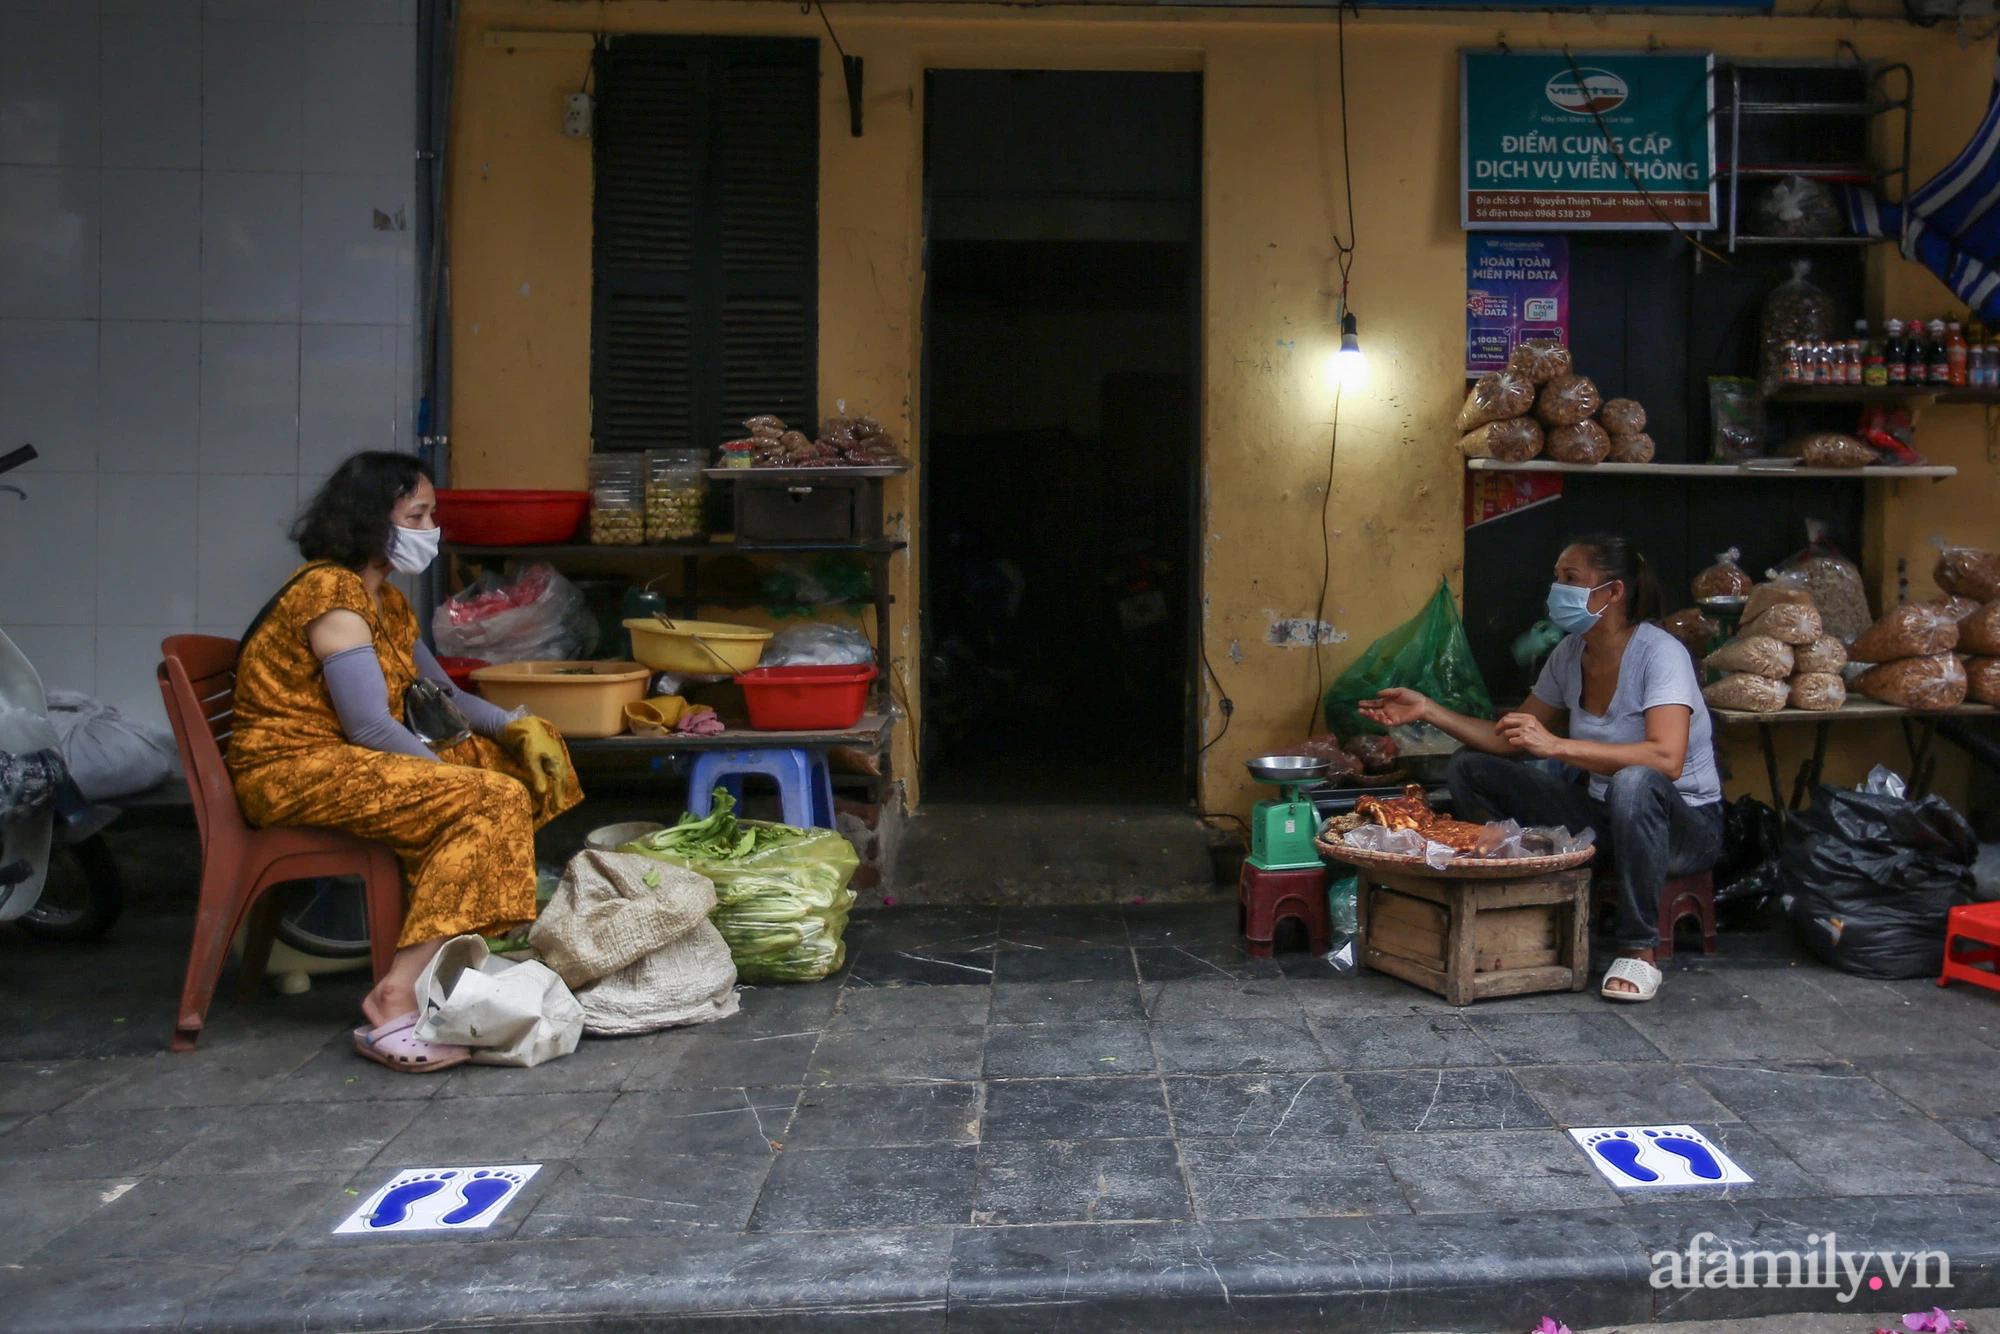 Ngày đầu giãn cách theo Chỉ thị 16, khu chợ ở Hà Nội kẻ vạch cách nhau 2 m, người mua kẻ bán tuy xa mặt nhưng không cách lòng - Ảnh 13.